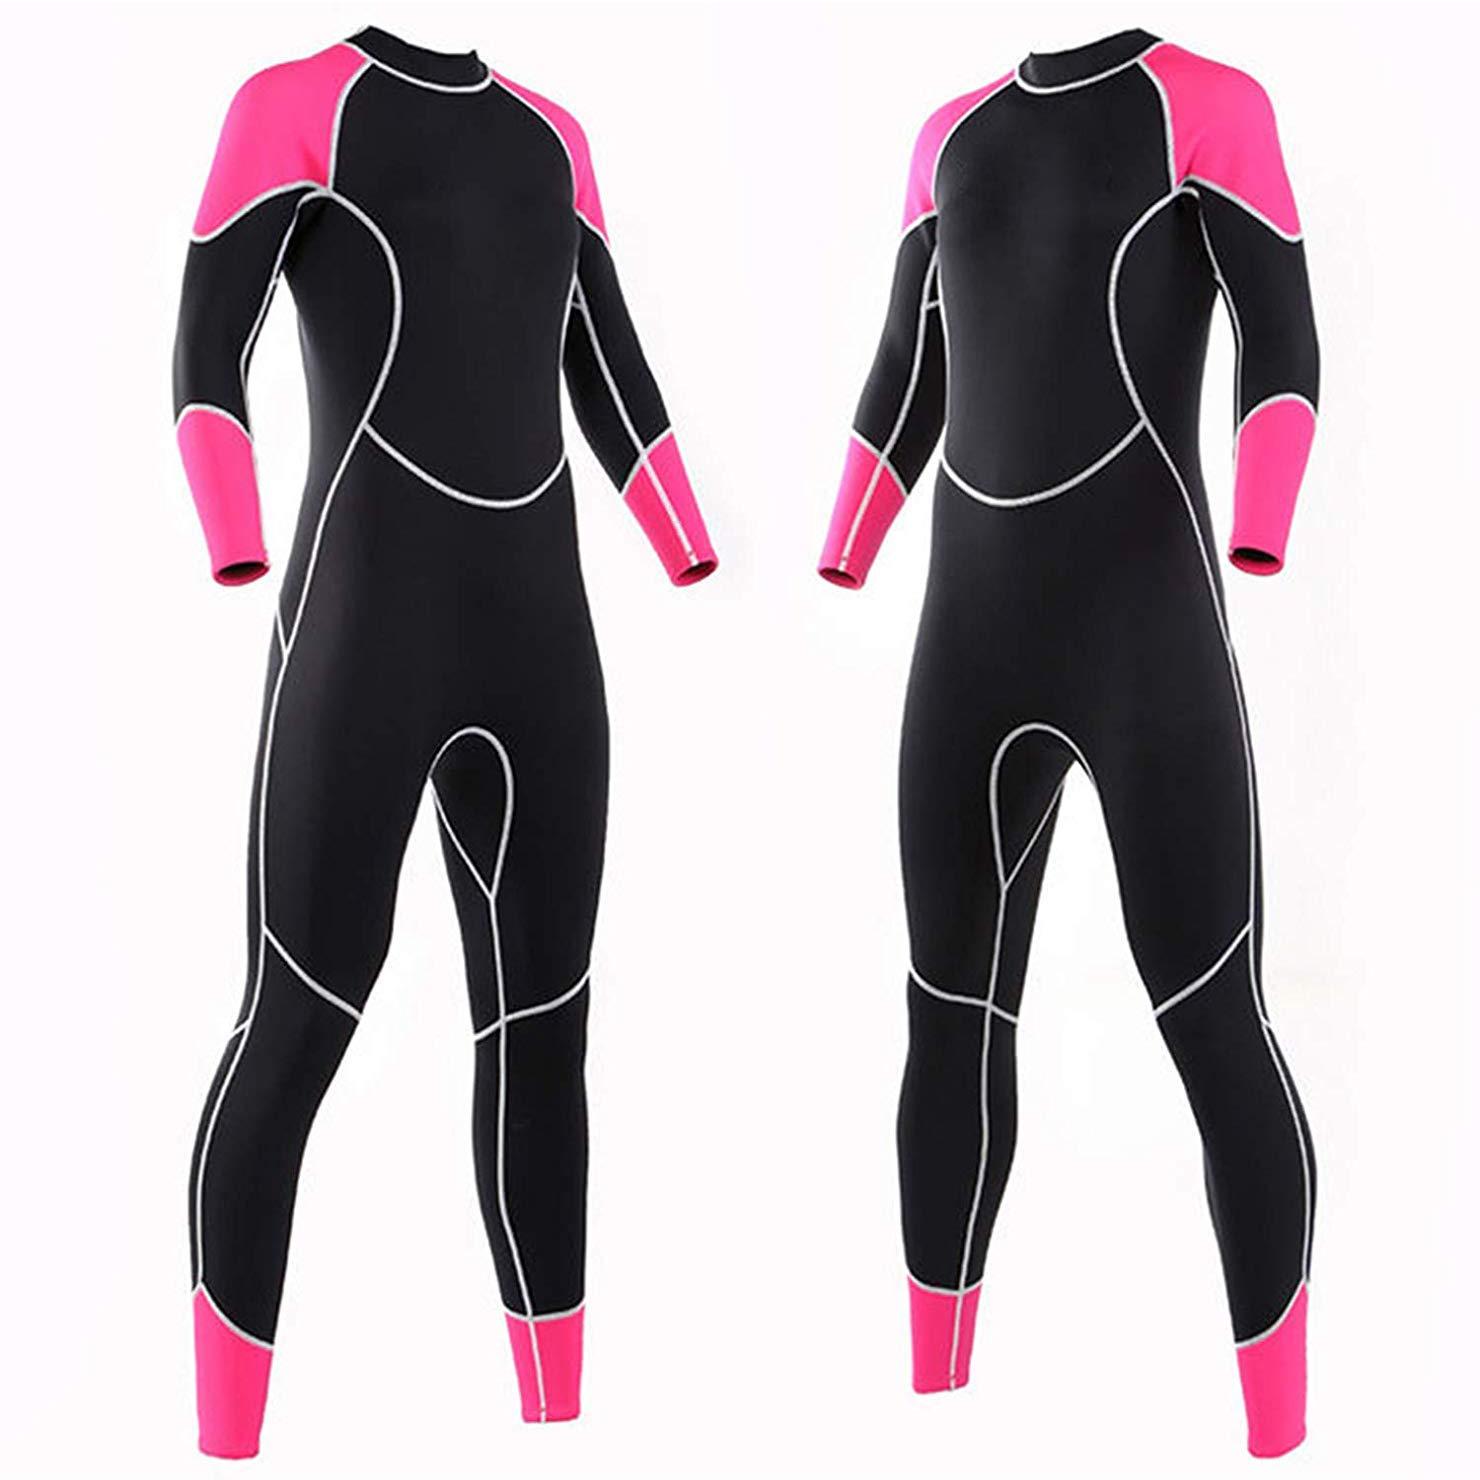 Niiwi Women Full Body Wetsuit - 2.5mm Premium Neoprene Scuba Diving Suit for Water Activities (Pink/Black, S)